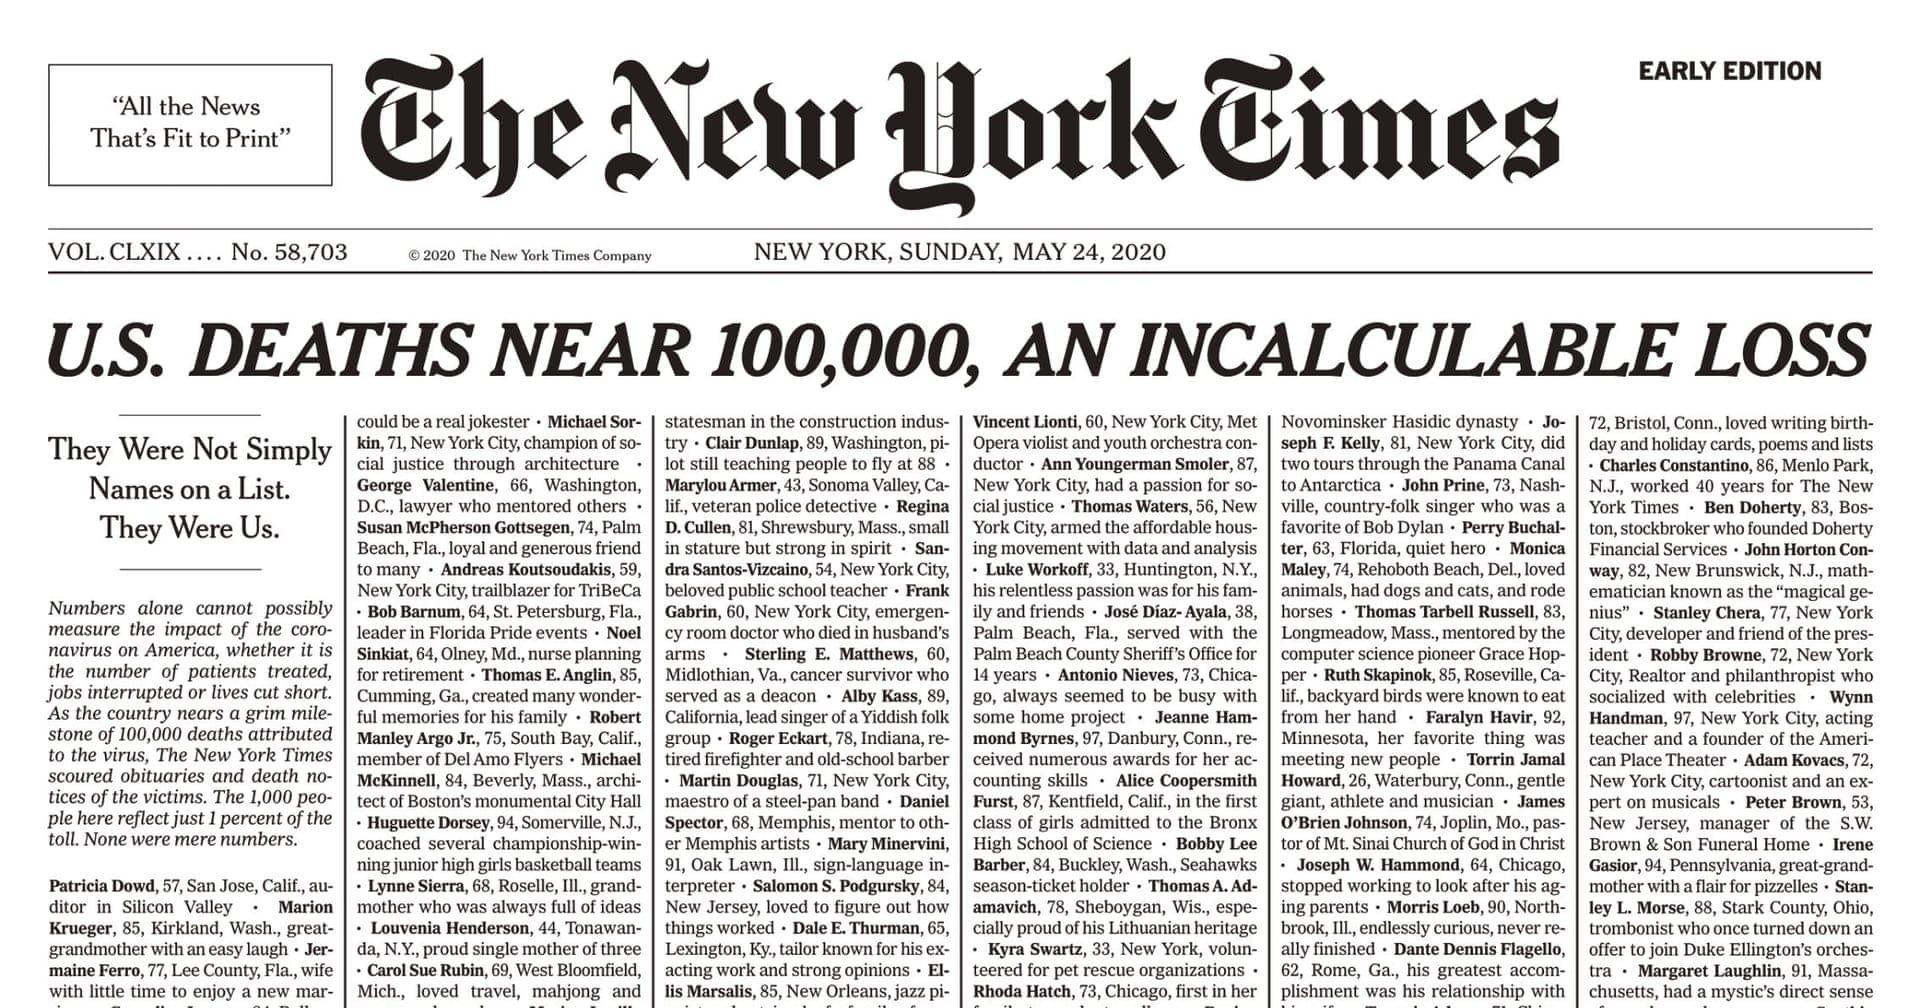 Ediție istorică a New York Times. Ziarul american a publicat o mie de necrologuri ale decedaților de COVID-19